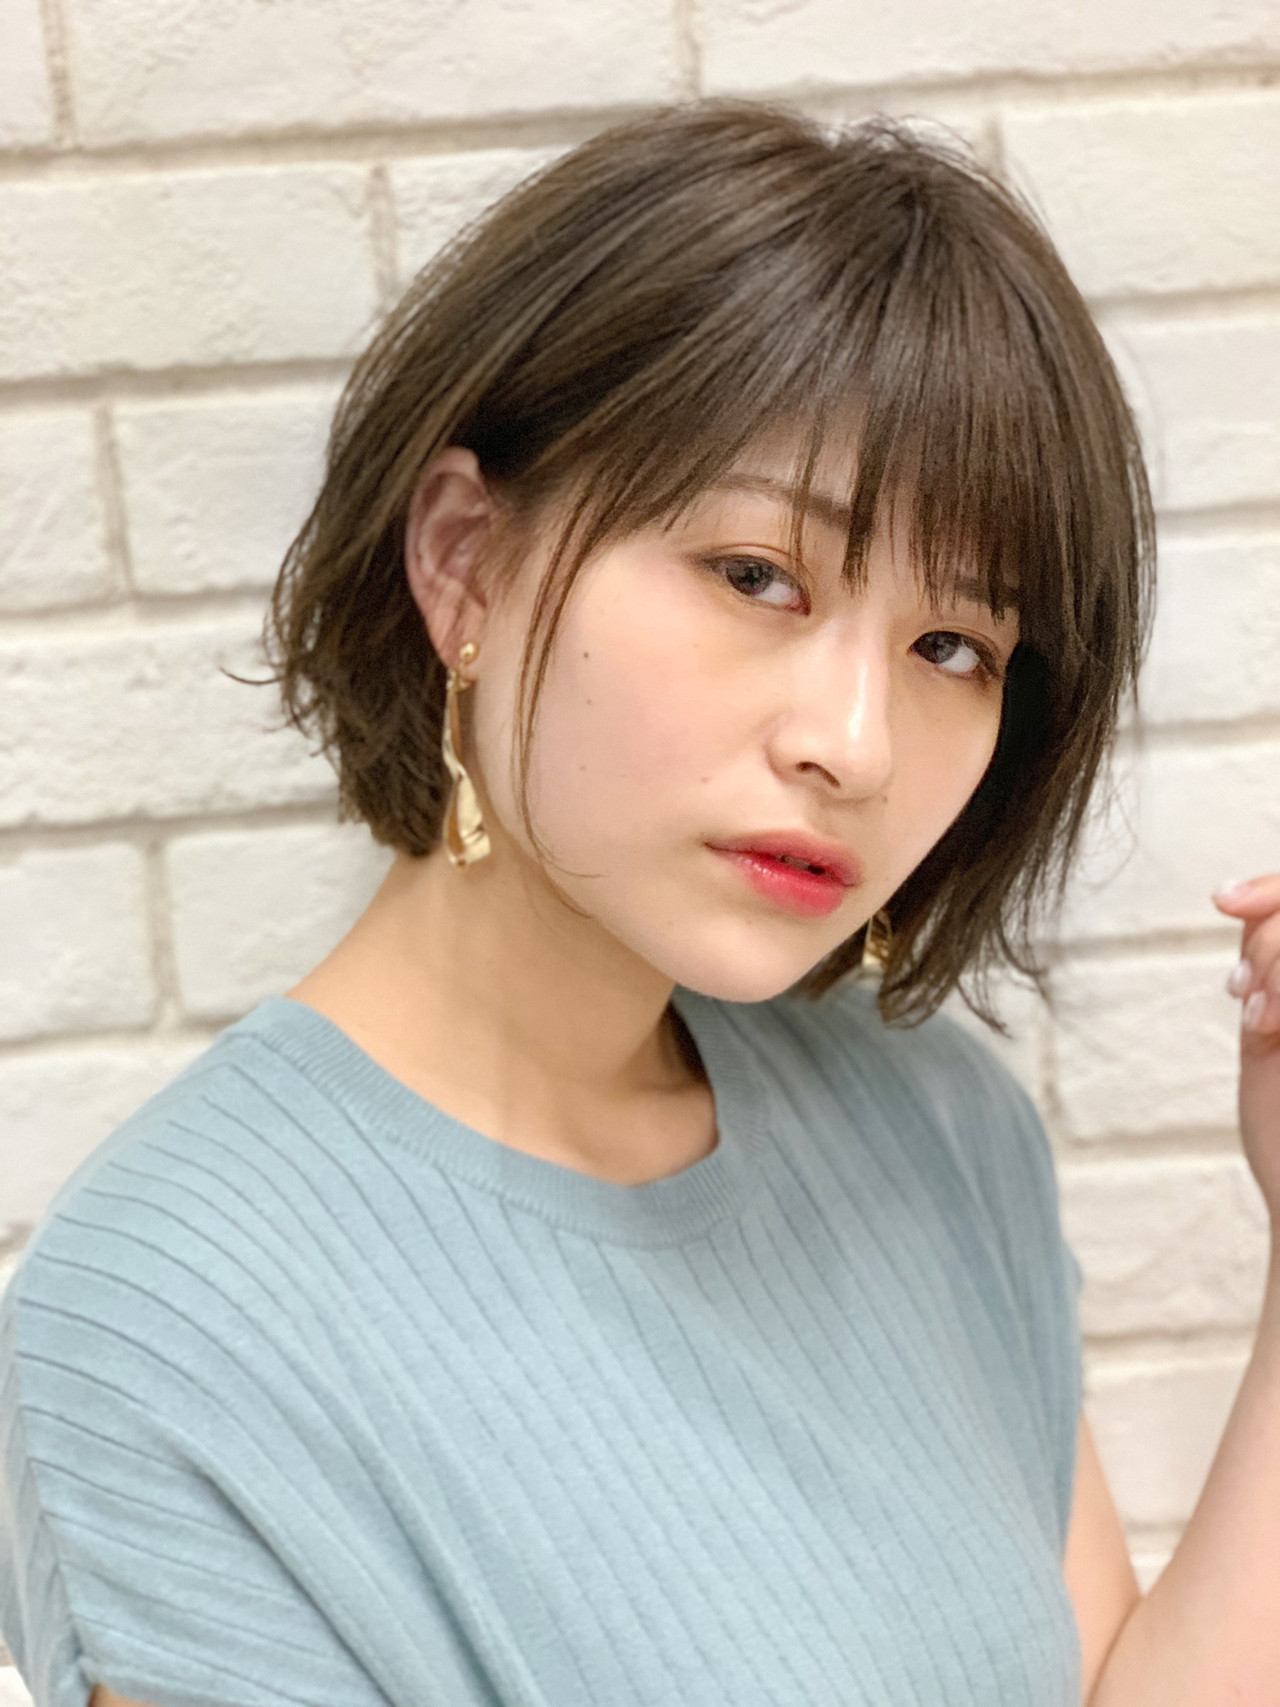 ボブ パーマ グレージュ  ヘアスタイルや髪型の写真・画像 | 國武泰志 / Cloe